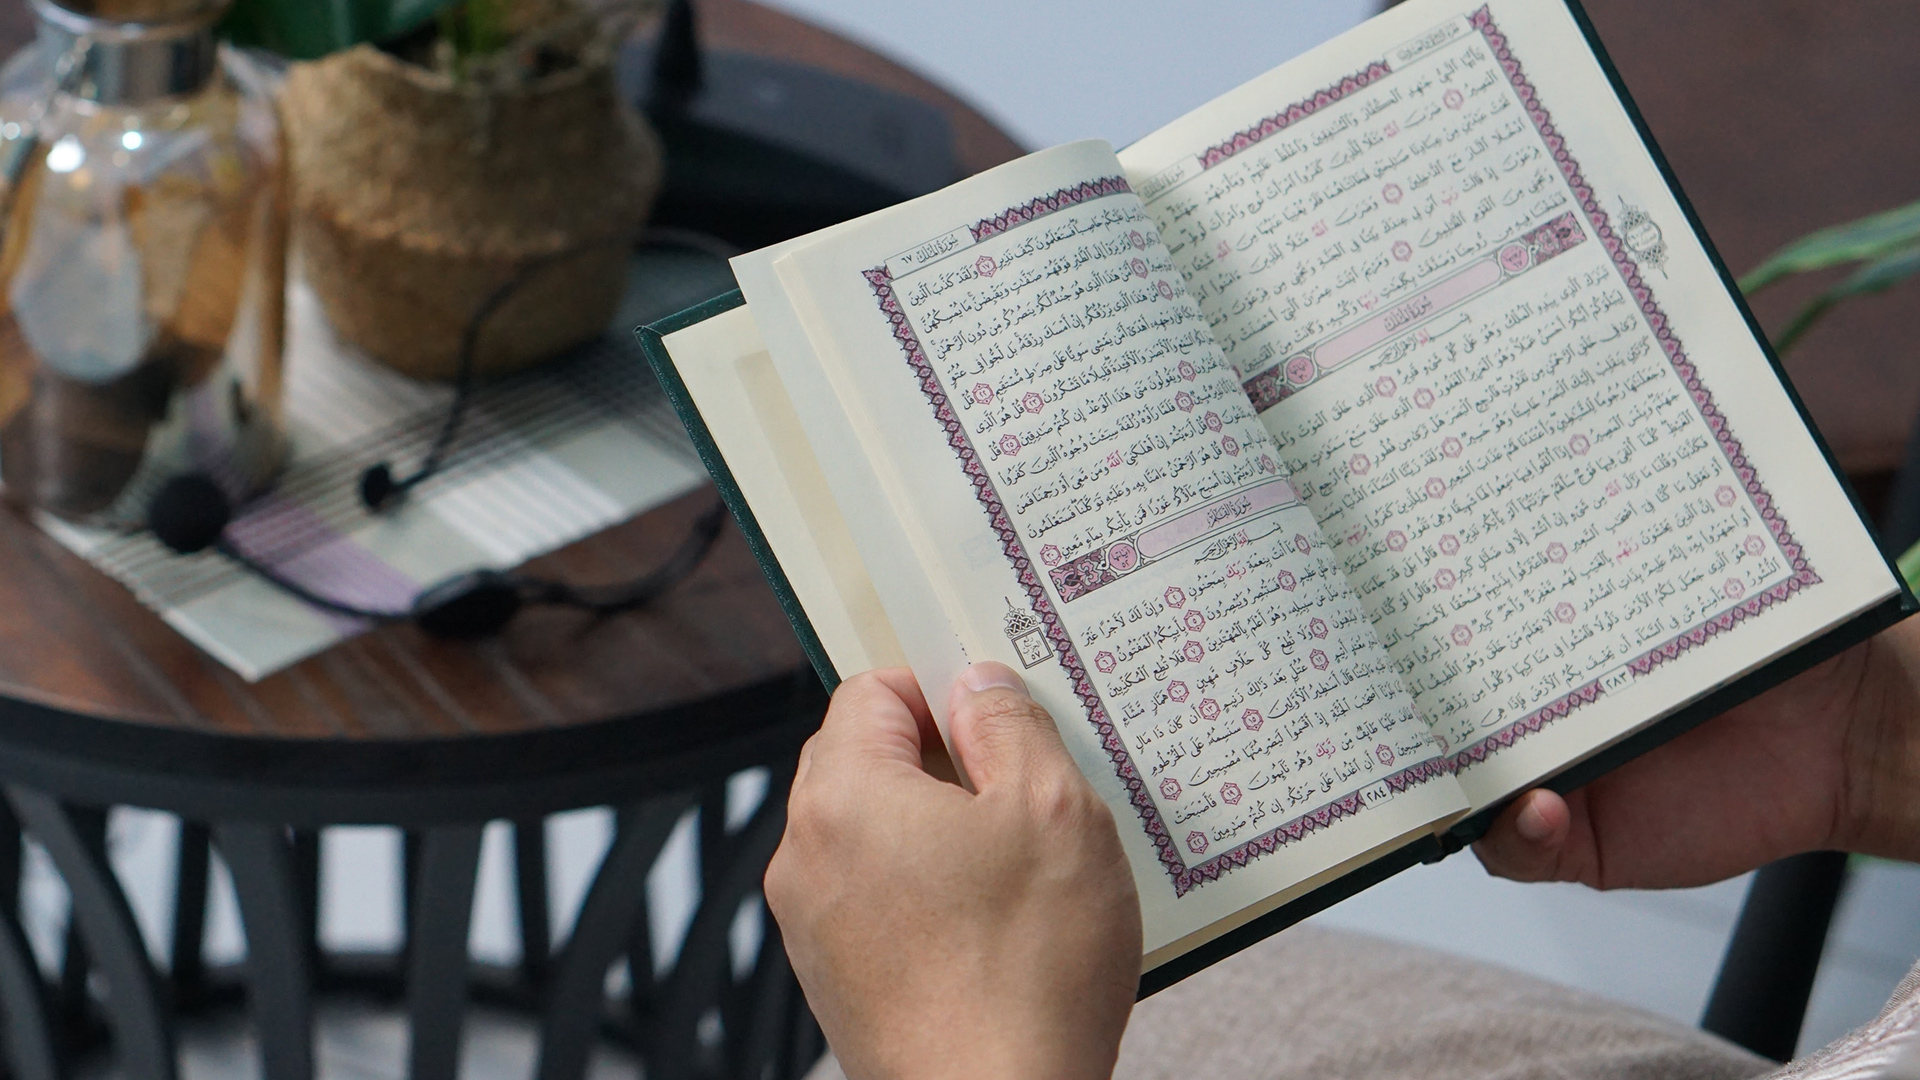 Bina-Qurani-Pentingnya-Memilih-Ilmu-Guru-dan-Kesabaran-dalam-Belajar-bagi-seorang-murid